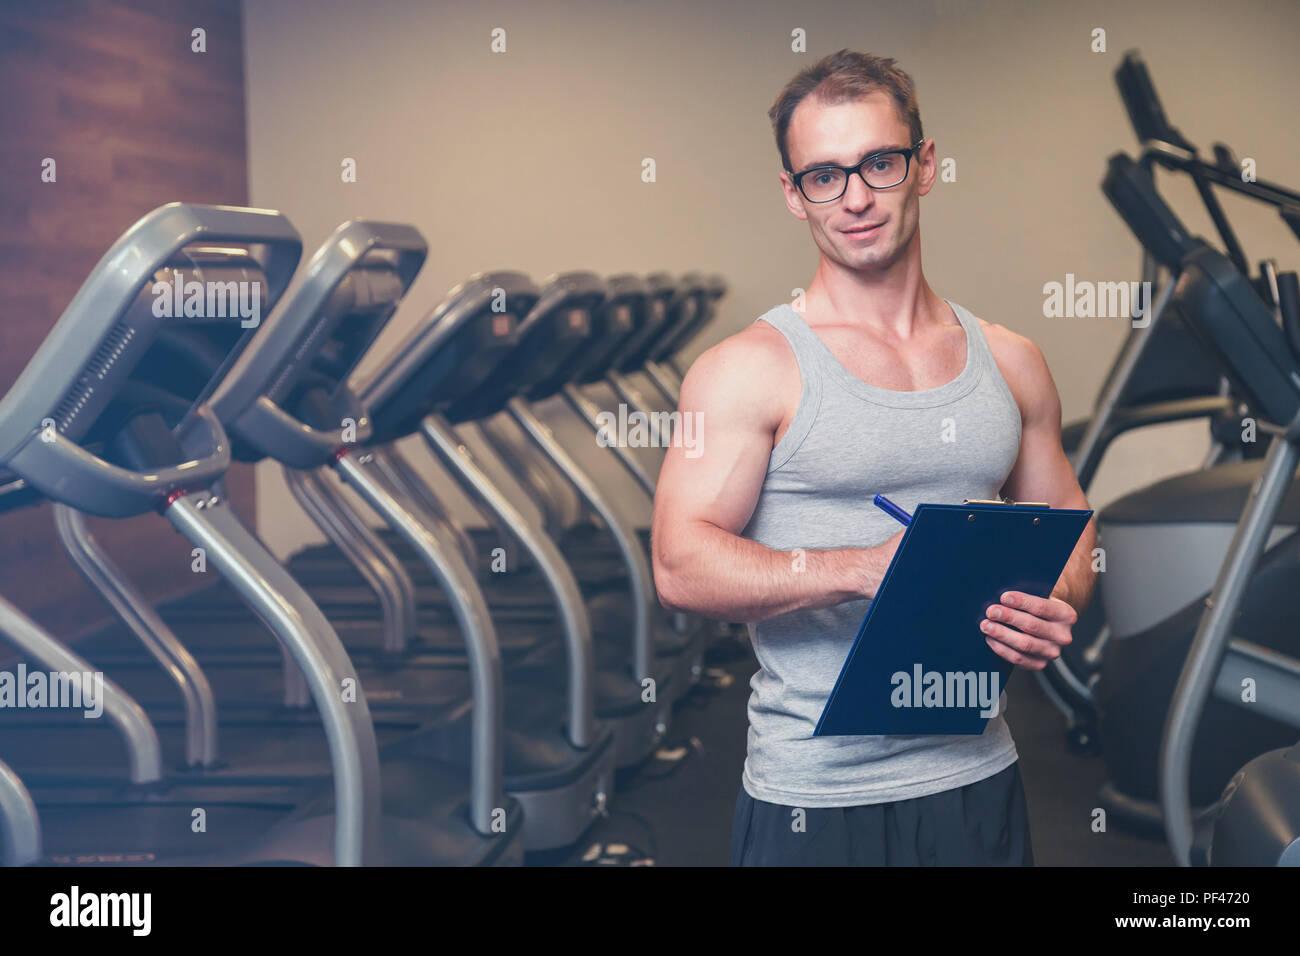 Frau, trainieren Sie im Fitnessraum mit ihrem persönlichen trainer Stockbild